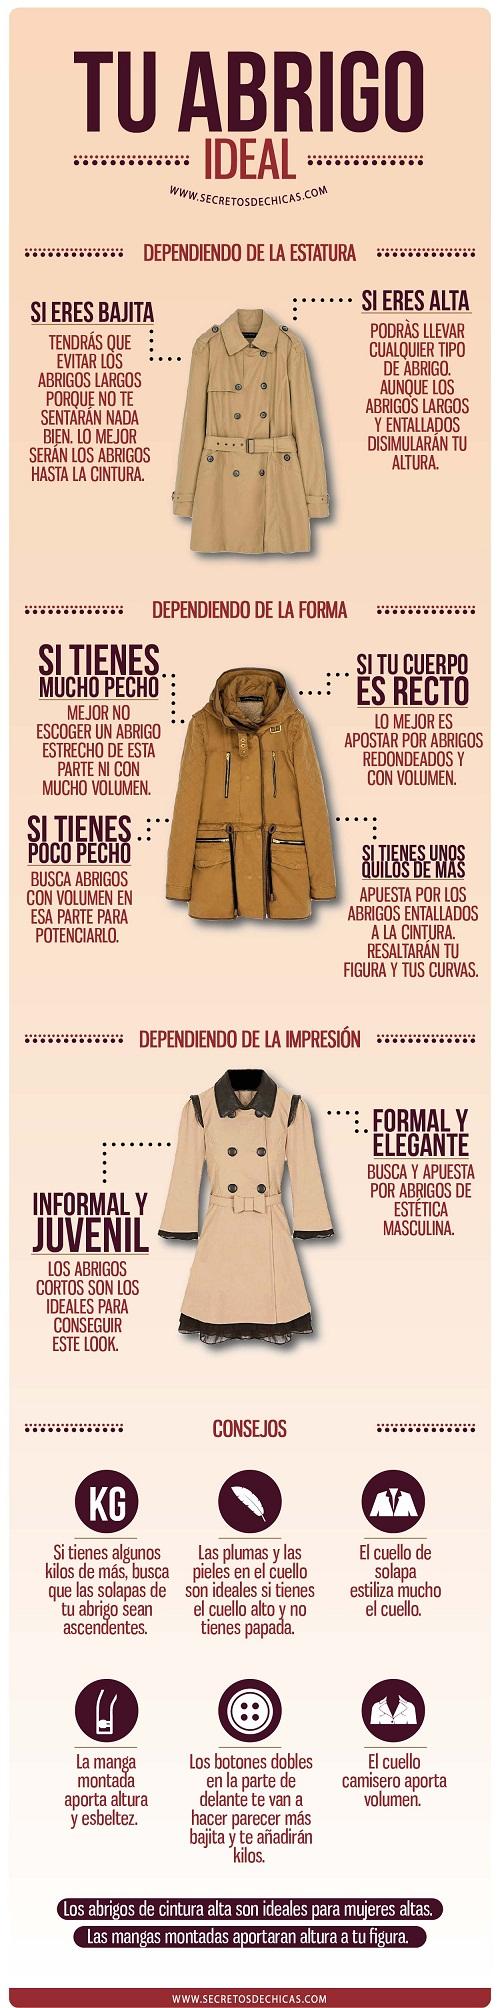 escoger-abrigo-ideal-cuerpo-infografia